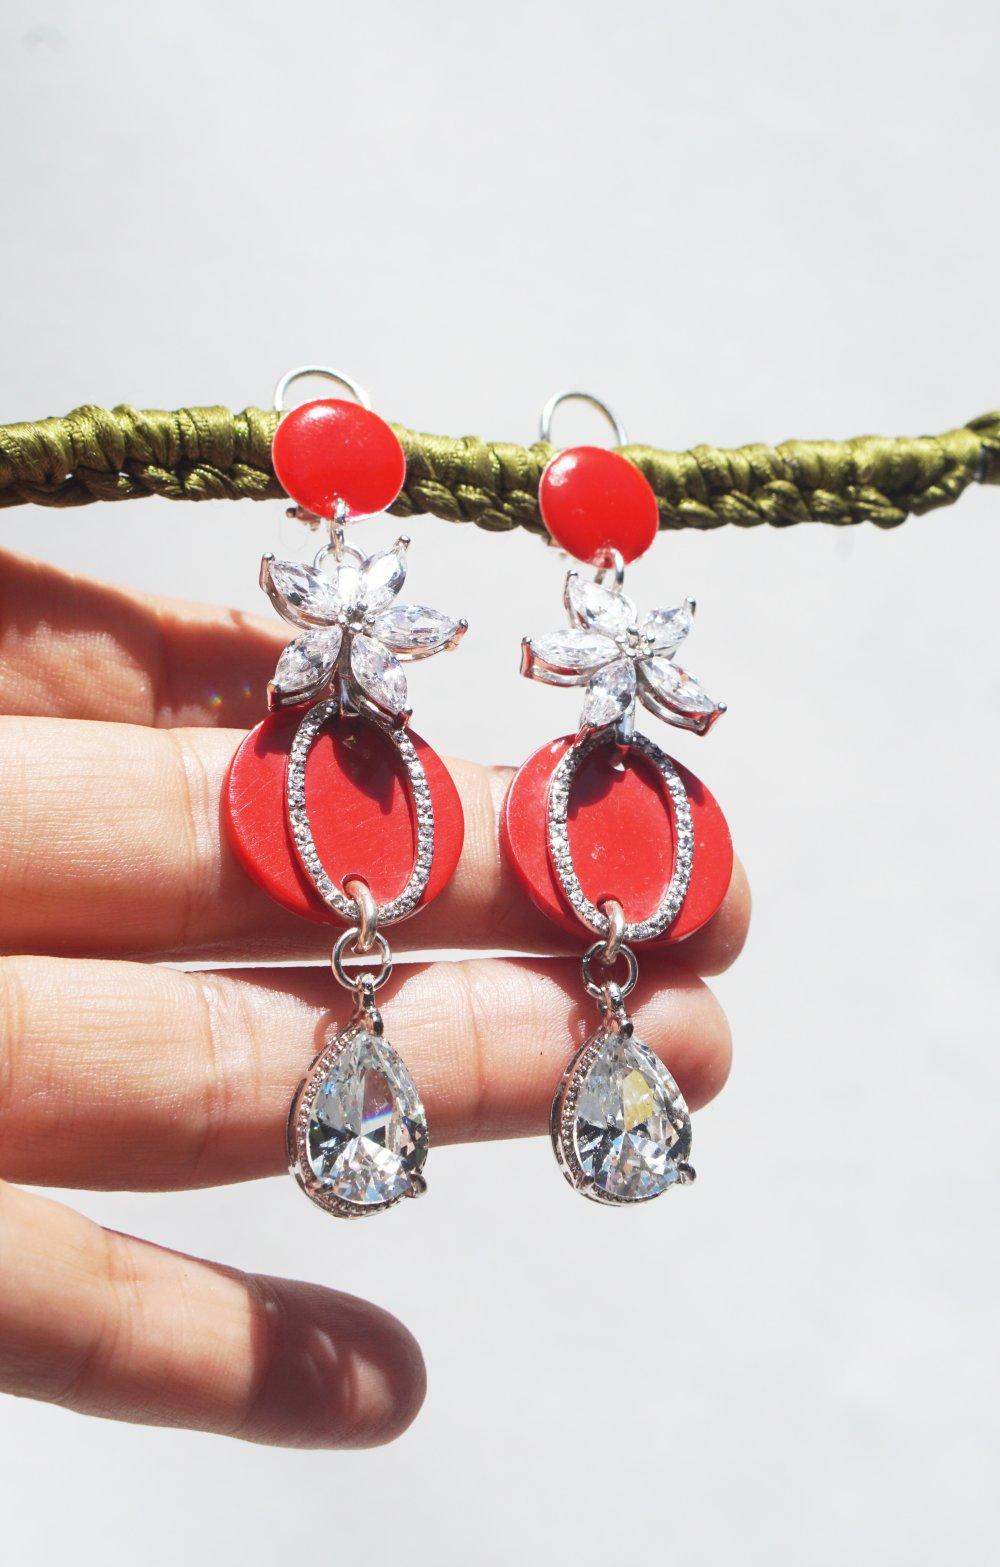 Argent 925 Boucles d'oreilles CLIPS rouge lumineux Cristal Zirconia Bijoux créateur Création française